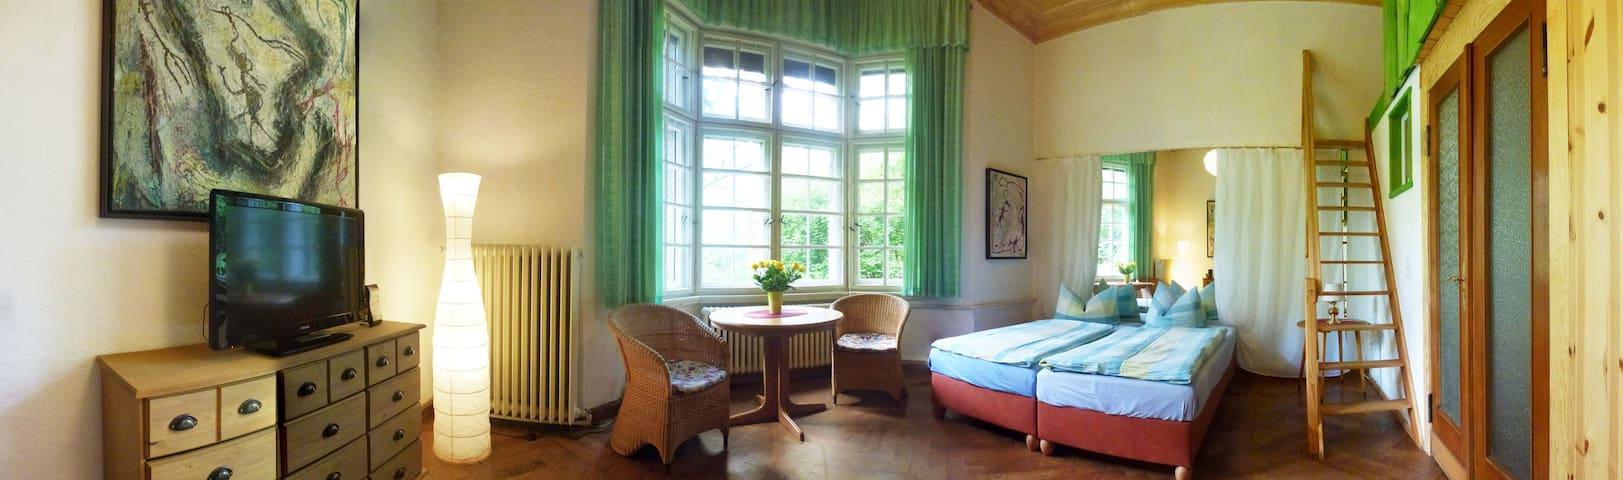 Ausziehbarer runder Esstisch und zwei Betten mit großem Spiegel/ ehemaliger Tanzprobenraum